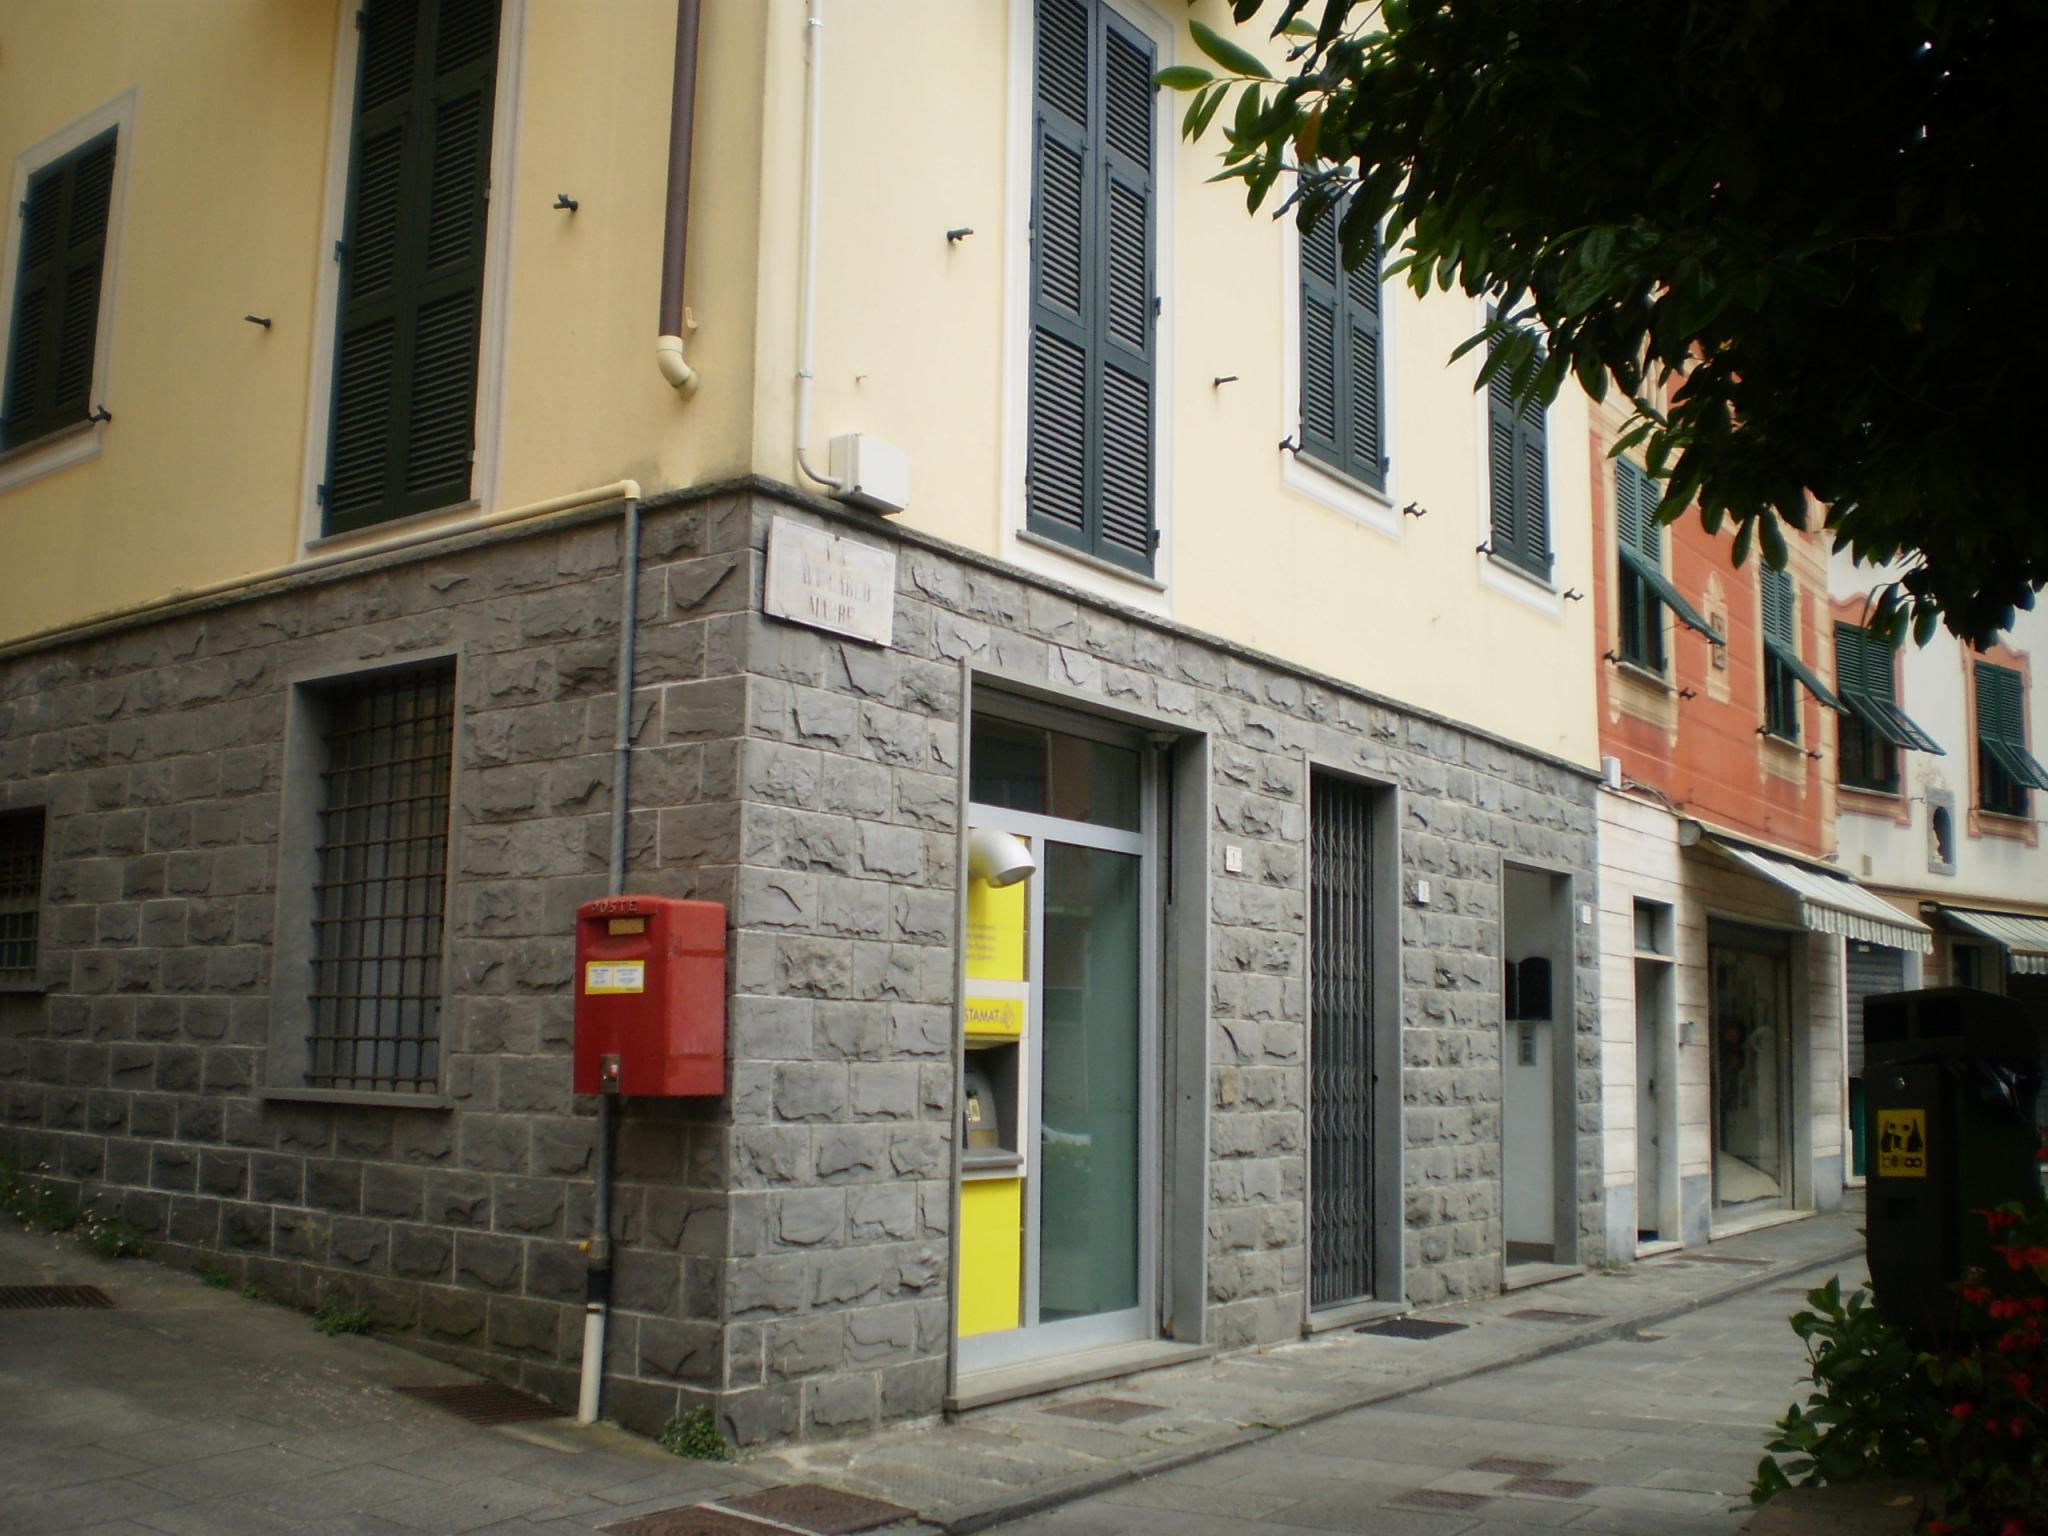 Poste Italiane di Borzonasca | fuorigenova